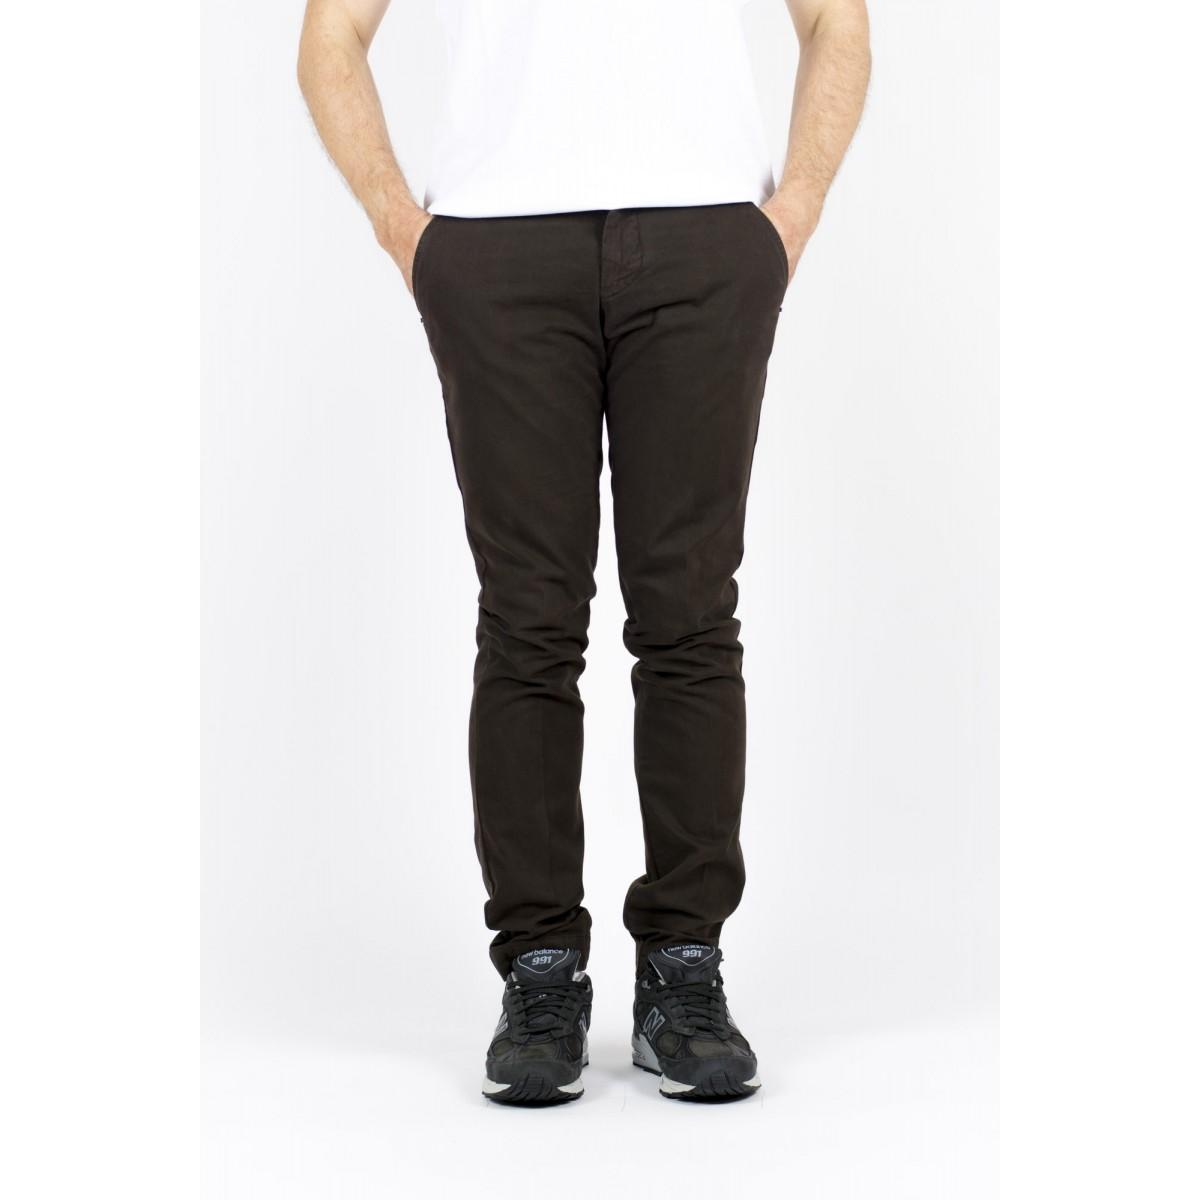 Pantalone uomo Entre amis - Pantalone tasca america slim con fondo 16cm 502 - Tasta di moro